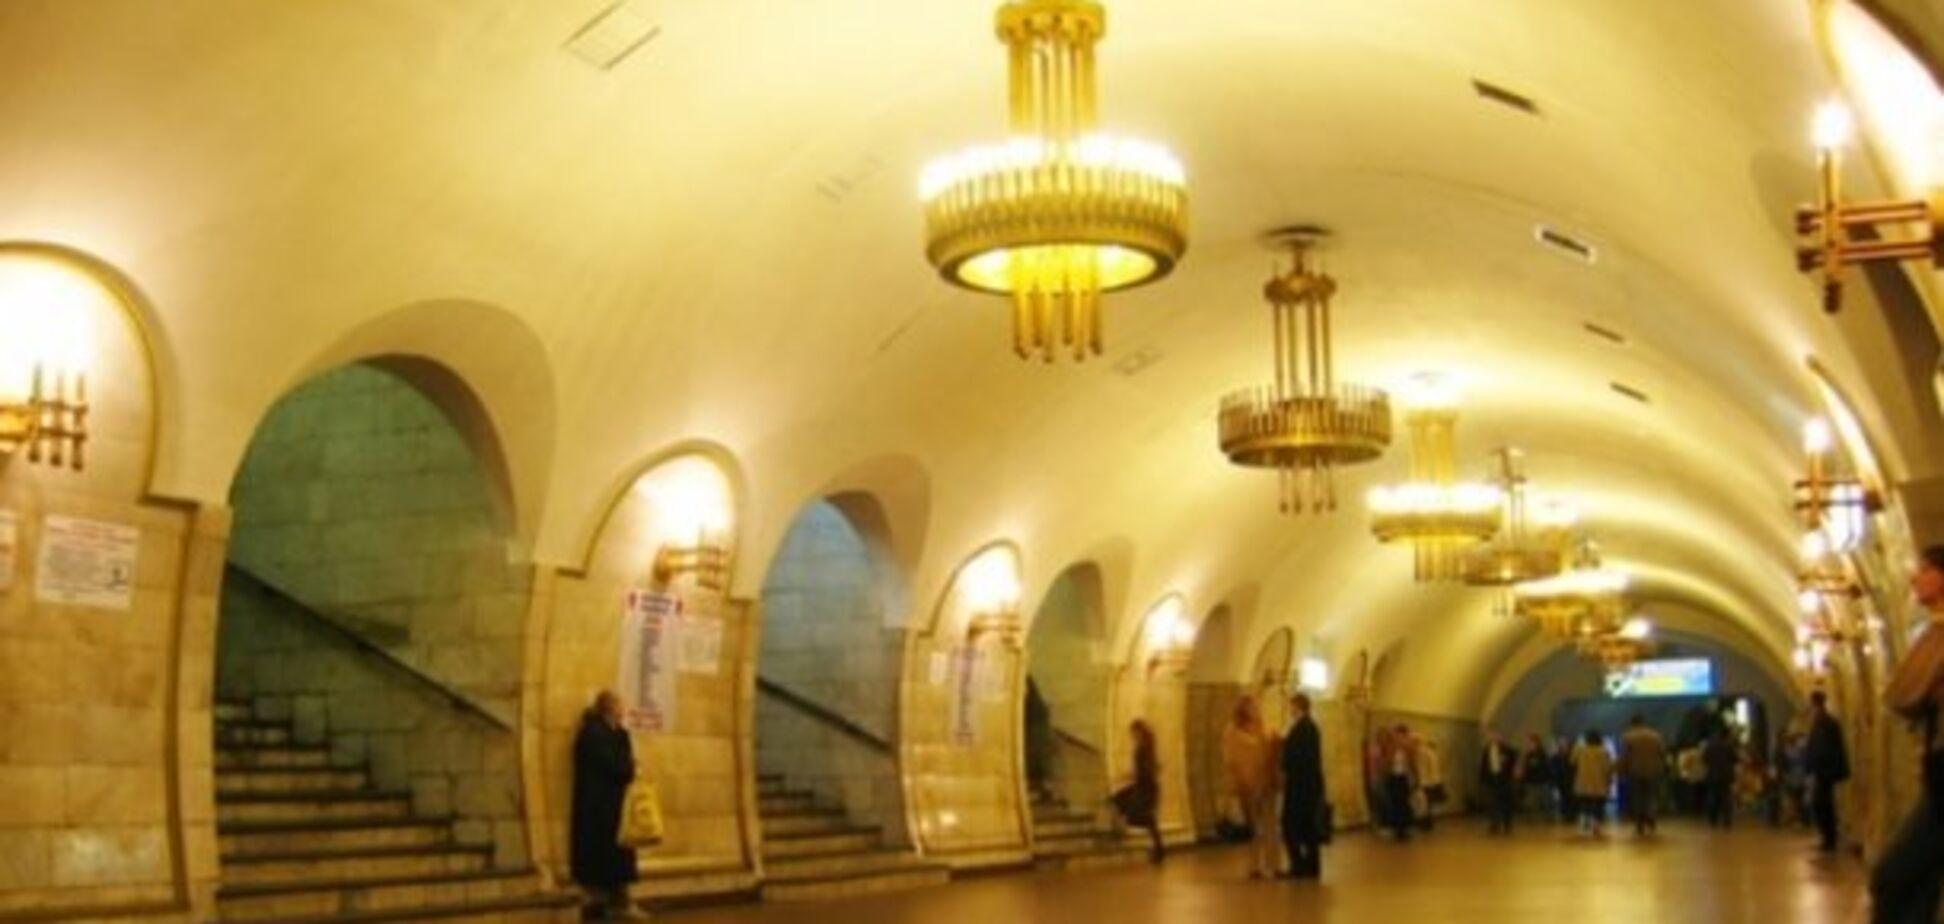 У Києві екстрено закривали одну з центральних станцій метро: що трапилось